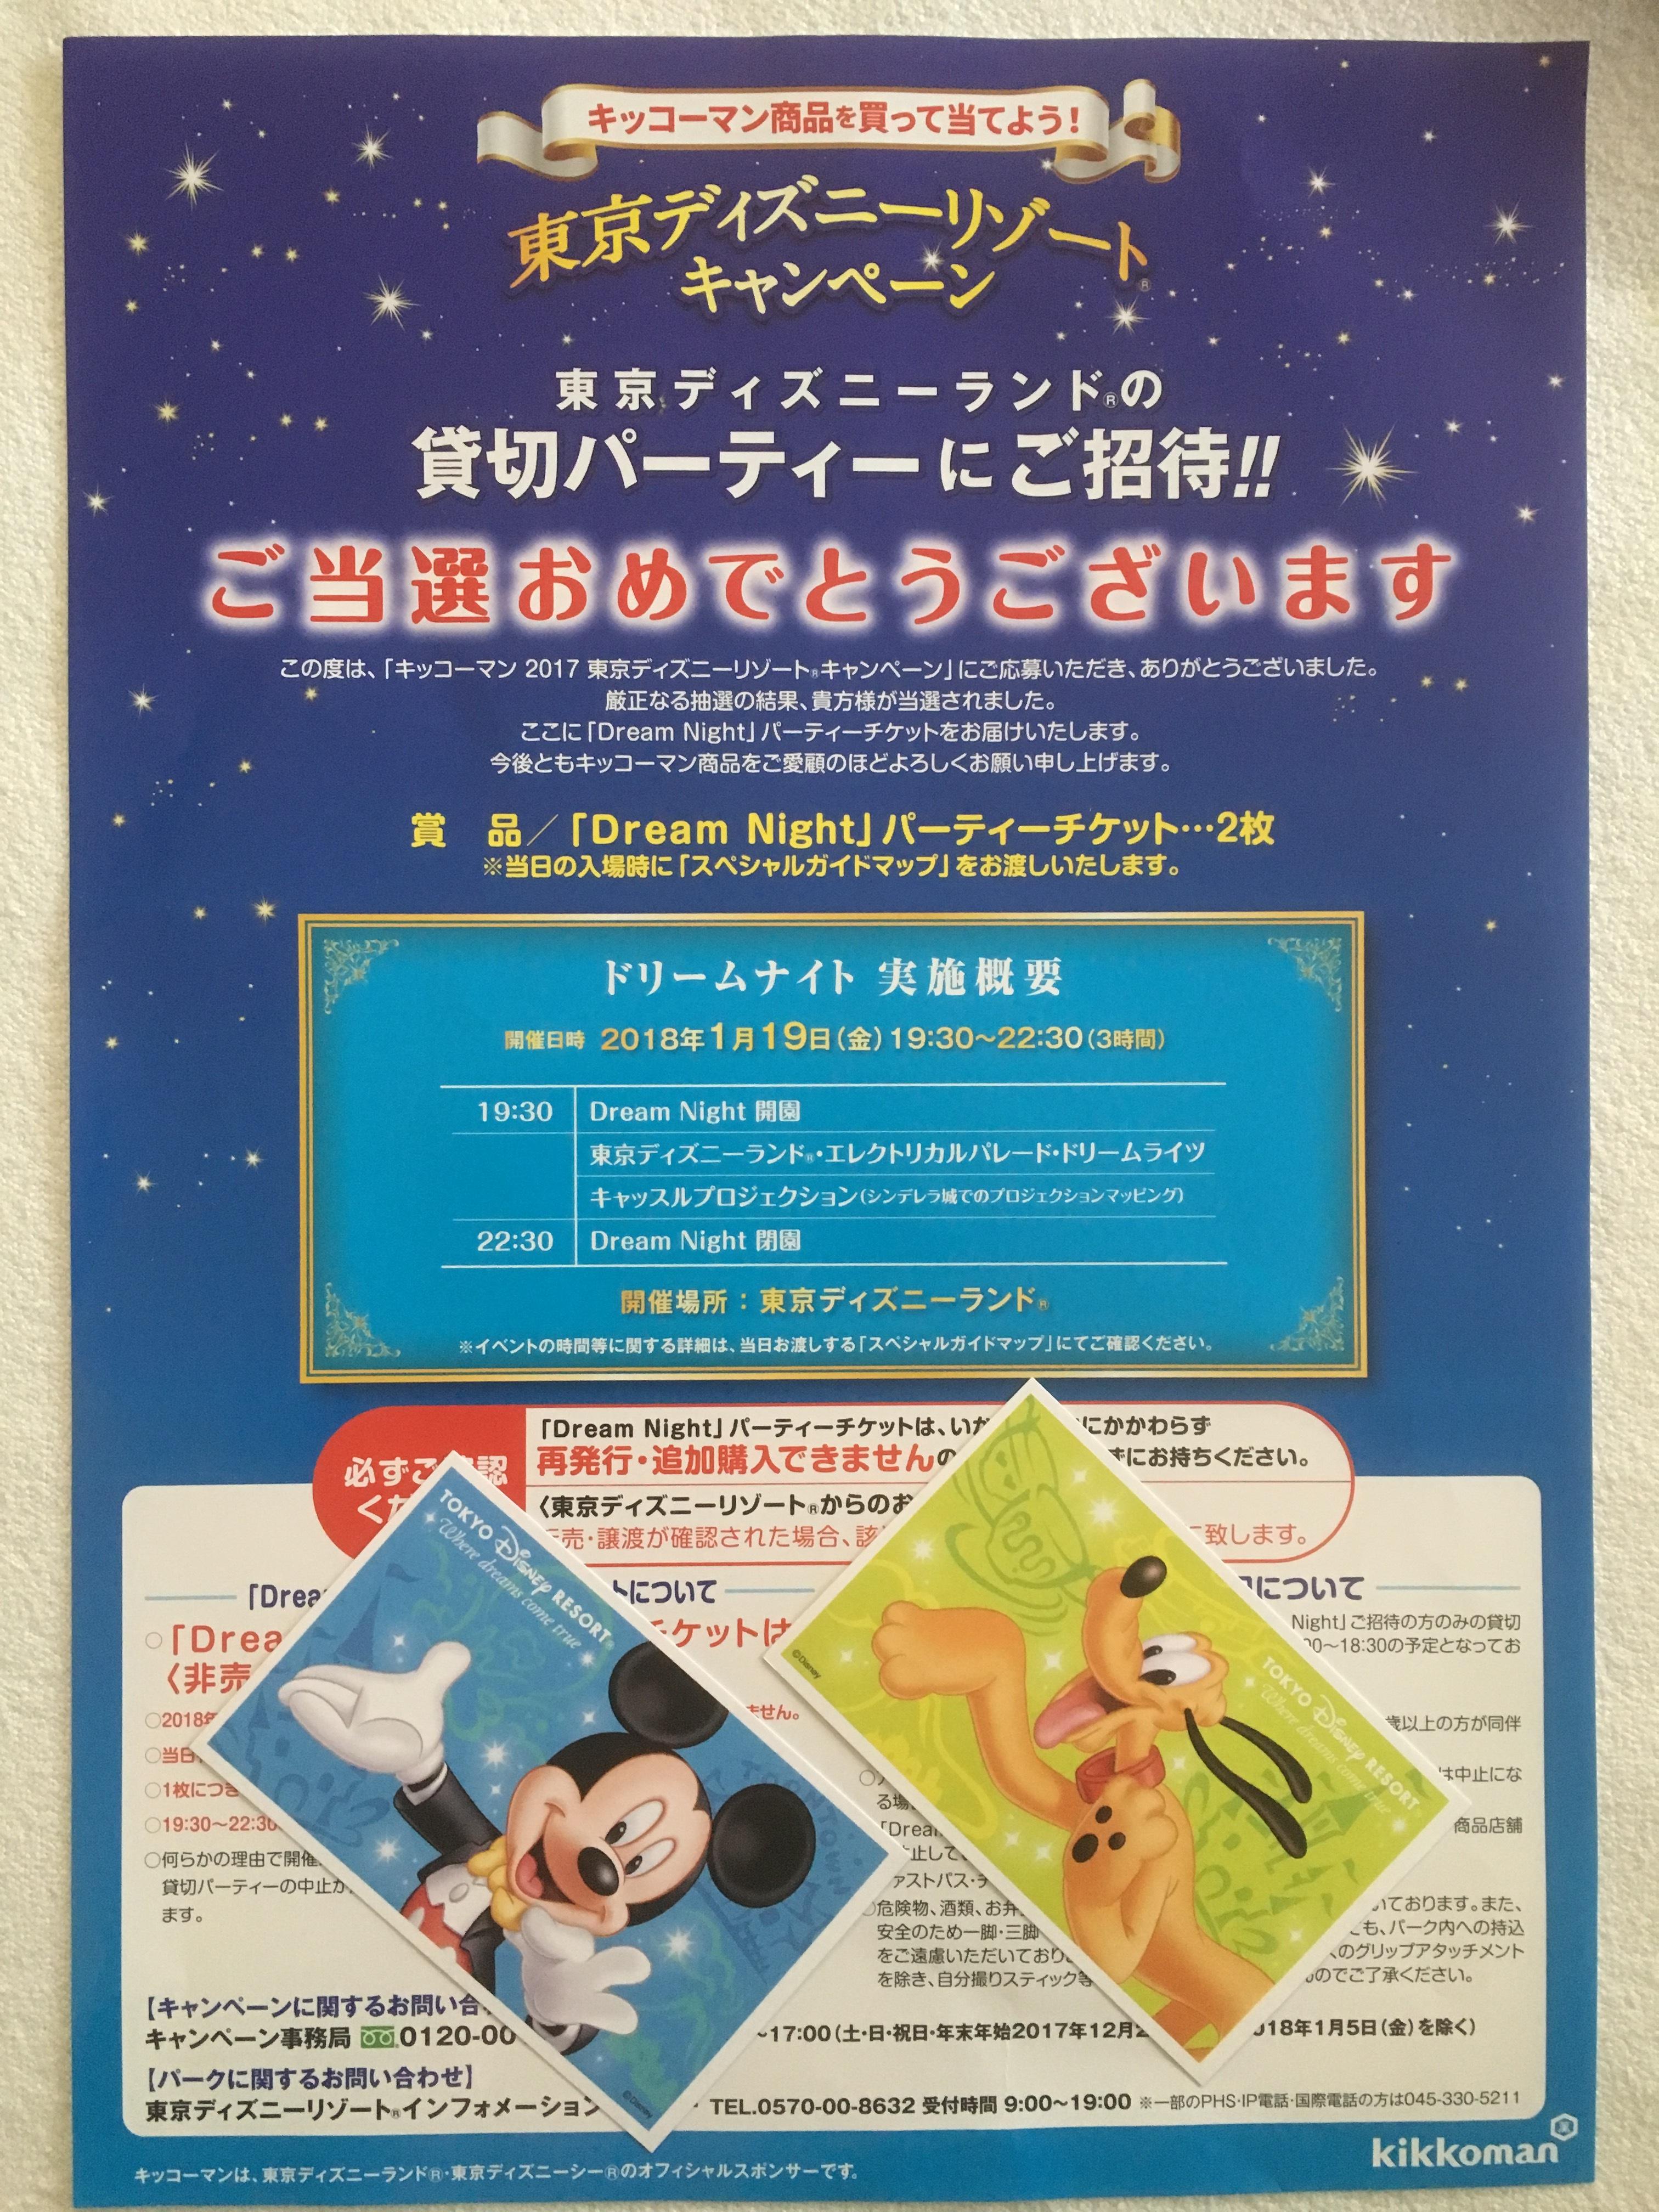 東京ディズニーランド貸切パーティードリームナイトチケットペア当選